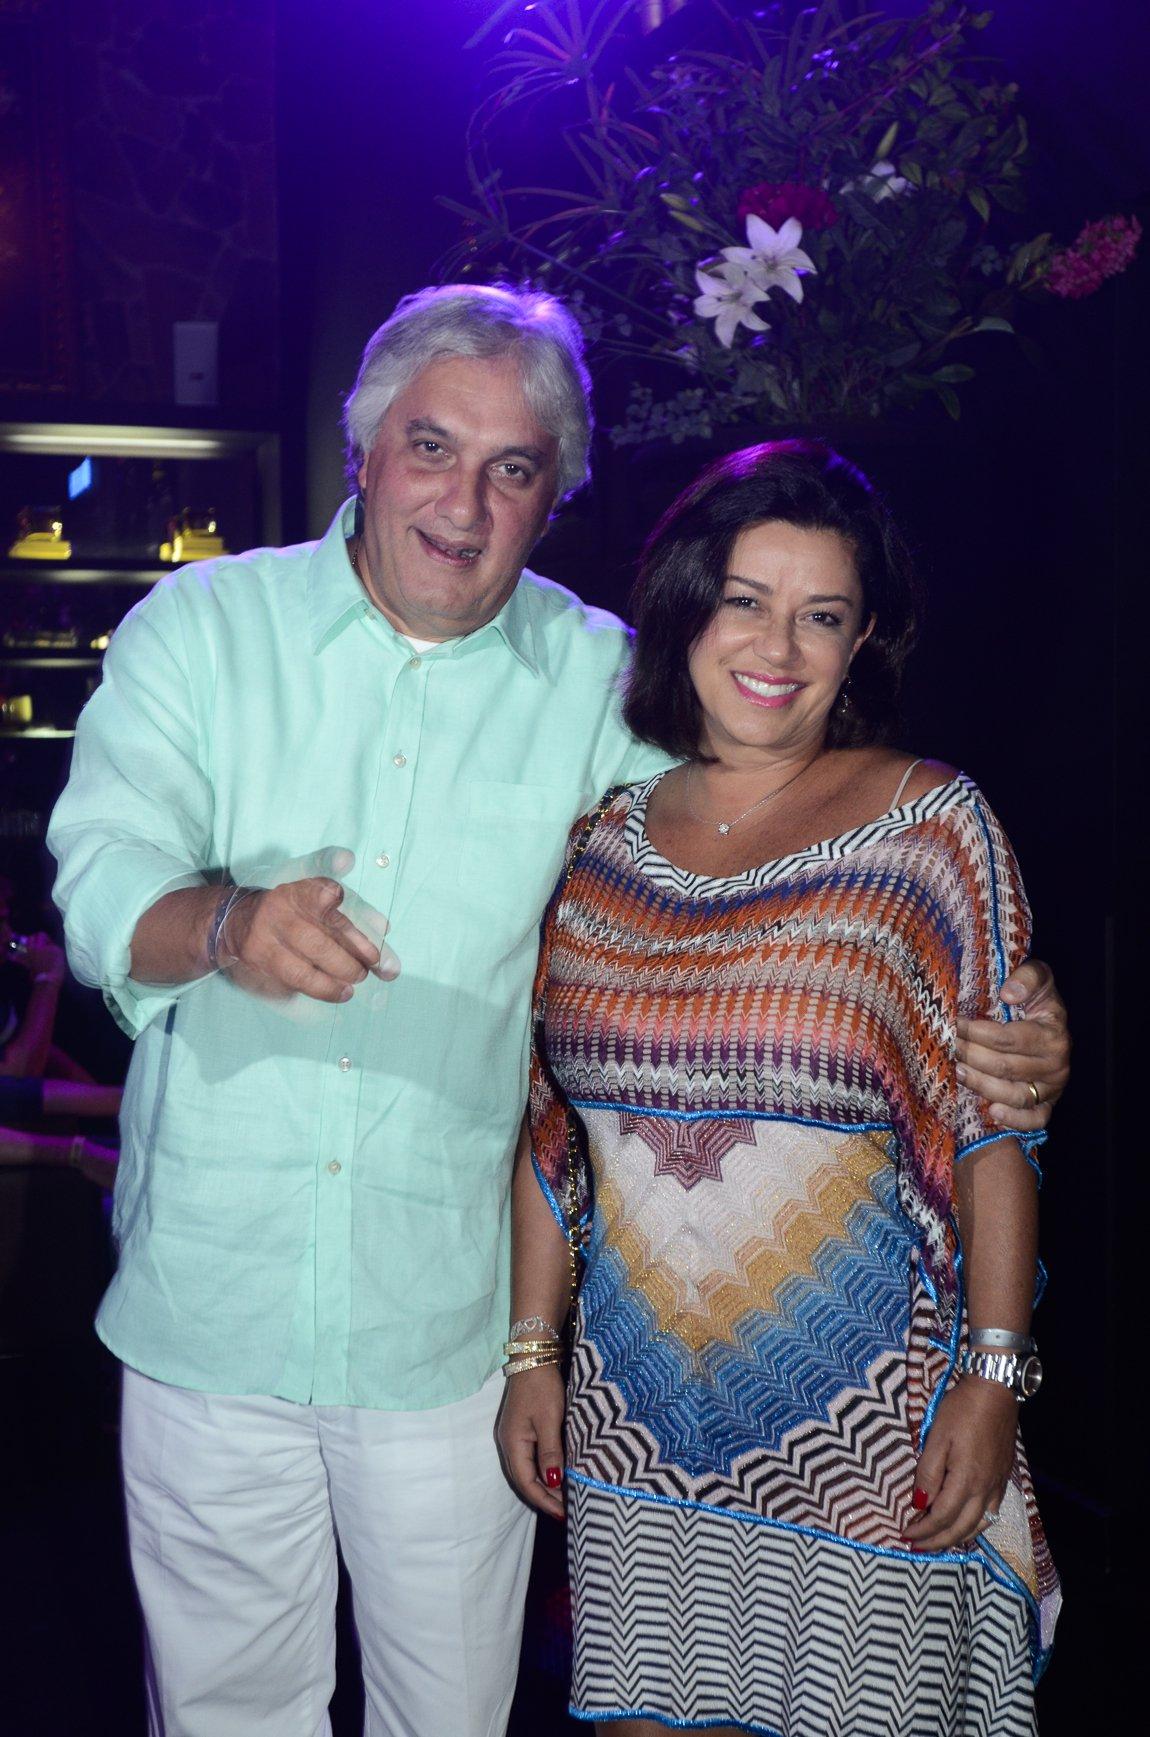 """Jornalista Paulo Nogueira argumenta que não adianta culpar a presidente Dilma Rousseff nem chamá-la de """"fdp"""" pelos infortúnios do senador Delcídio Amaral (PT-MS); """"Maika poderia talvez ter evitado os problemas que seu marido enfrenta hoje se fosse mais rigorosa com as contas domésticas"""", diz ele"""